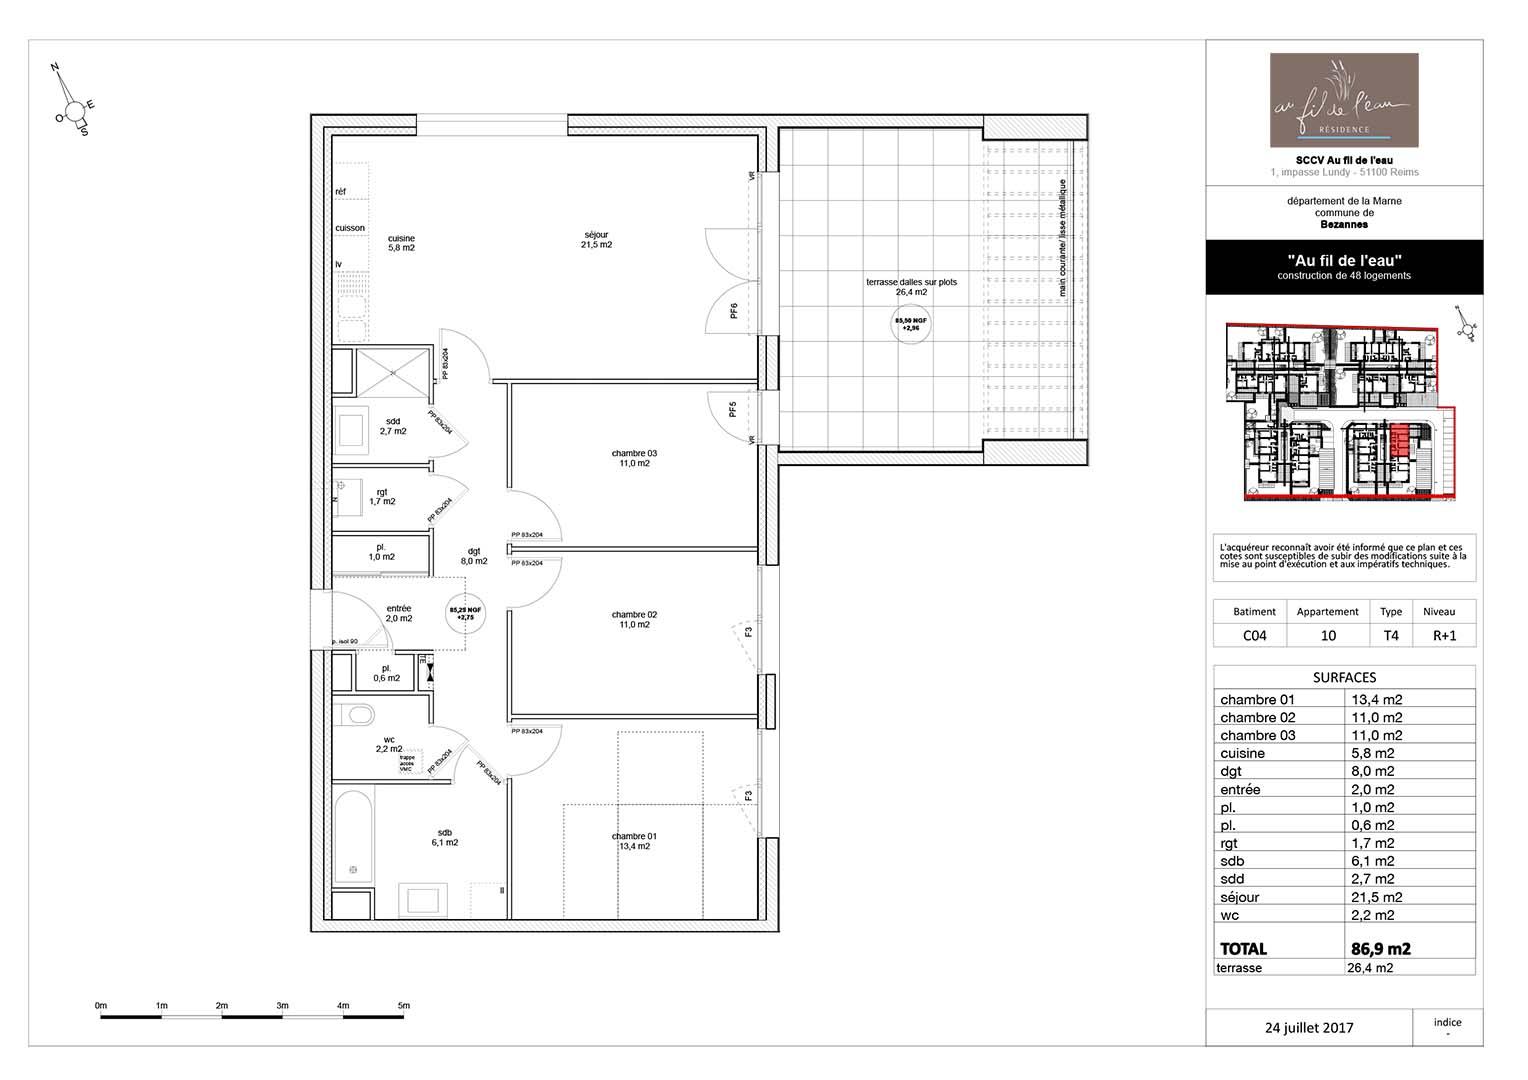 appartement C04-10 de type T4